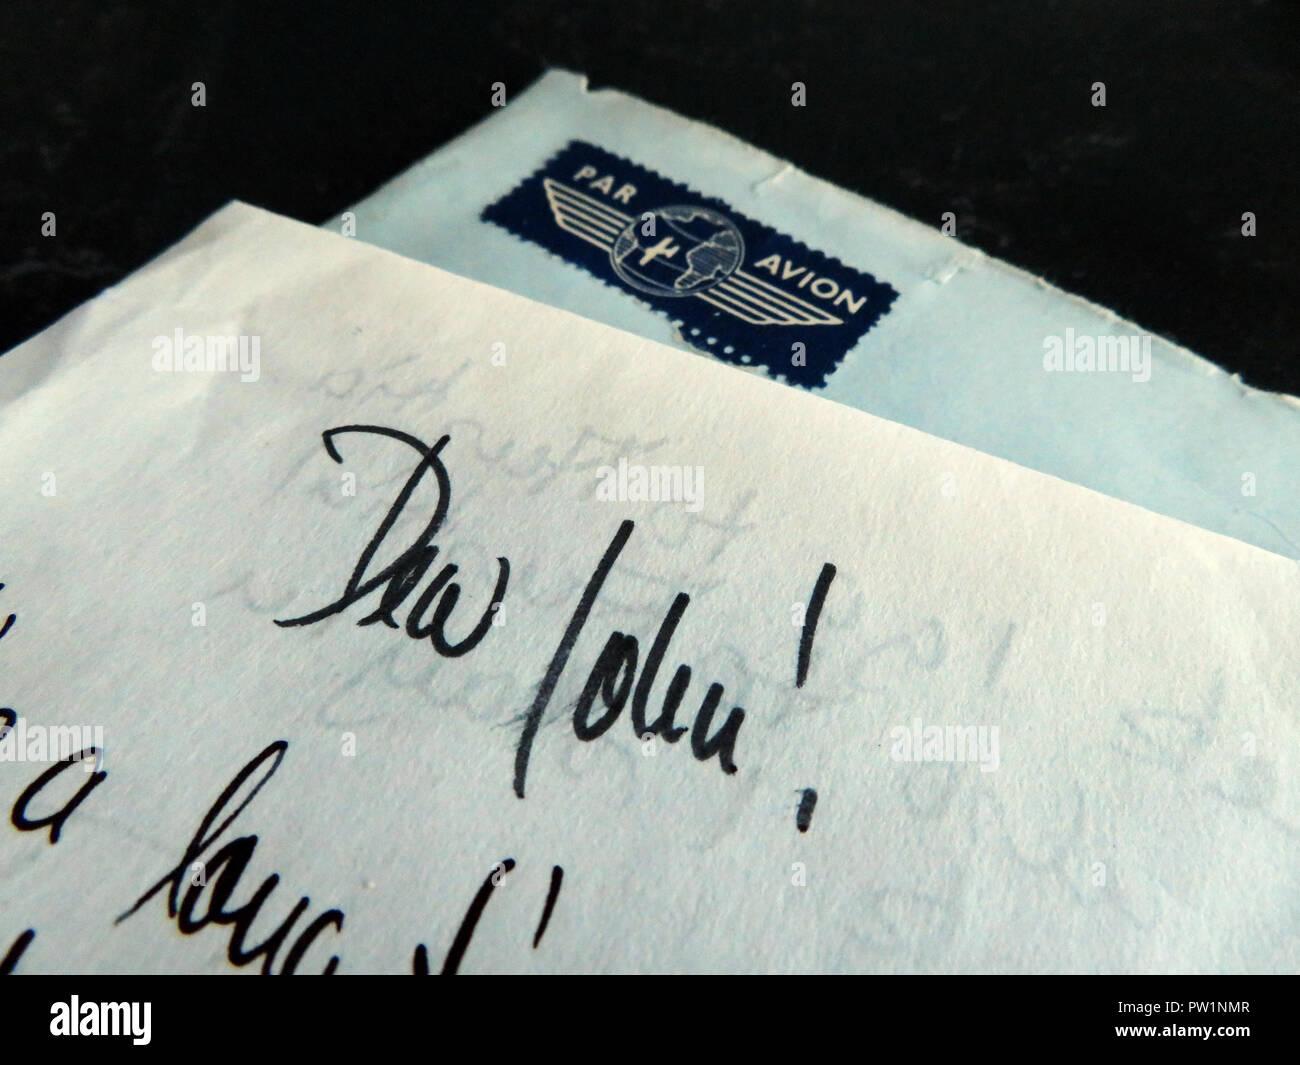 Cartas escritas a mano desde el extranjero comenzando con el querido Juan Imagen De Stock